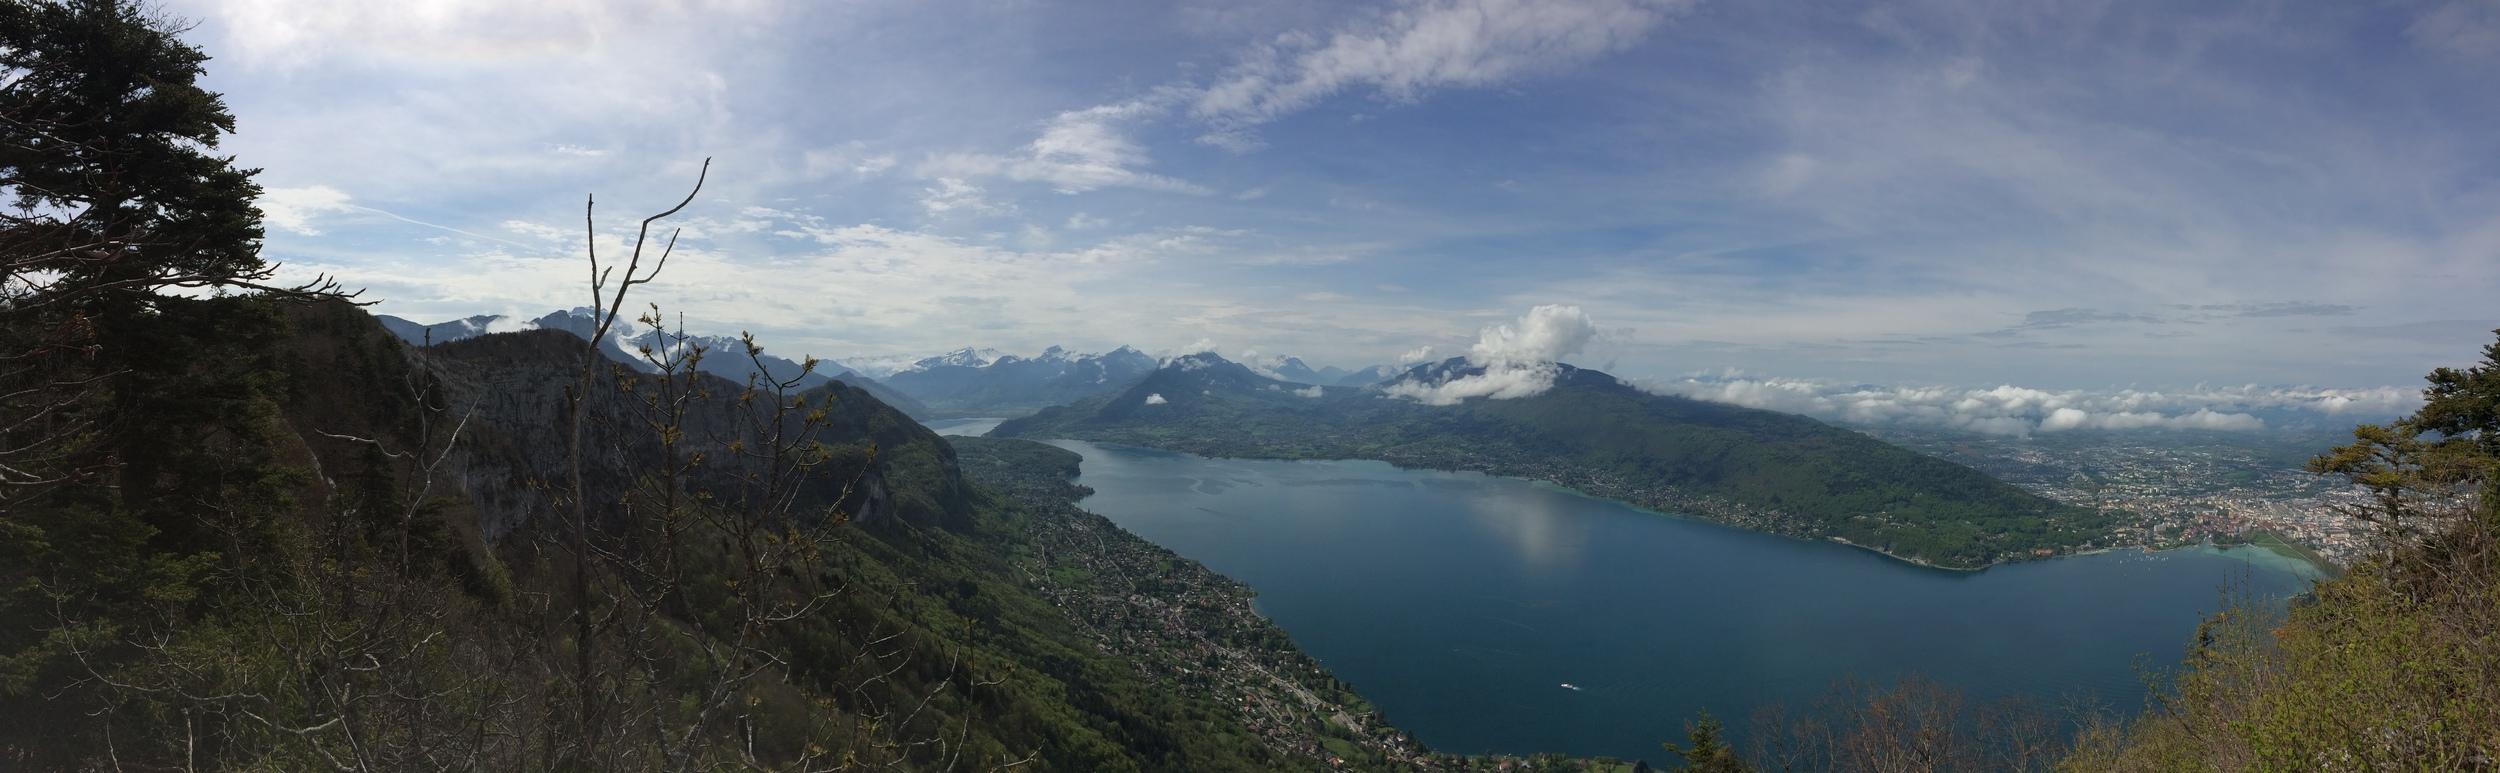 Summit views, Mont Veyrier